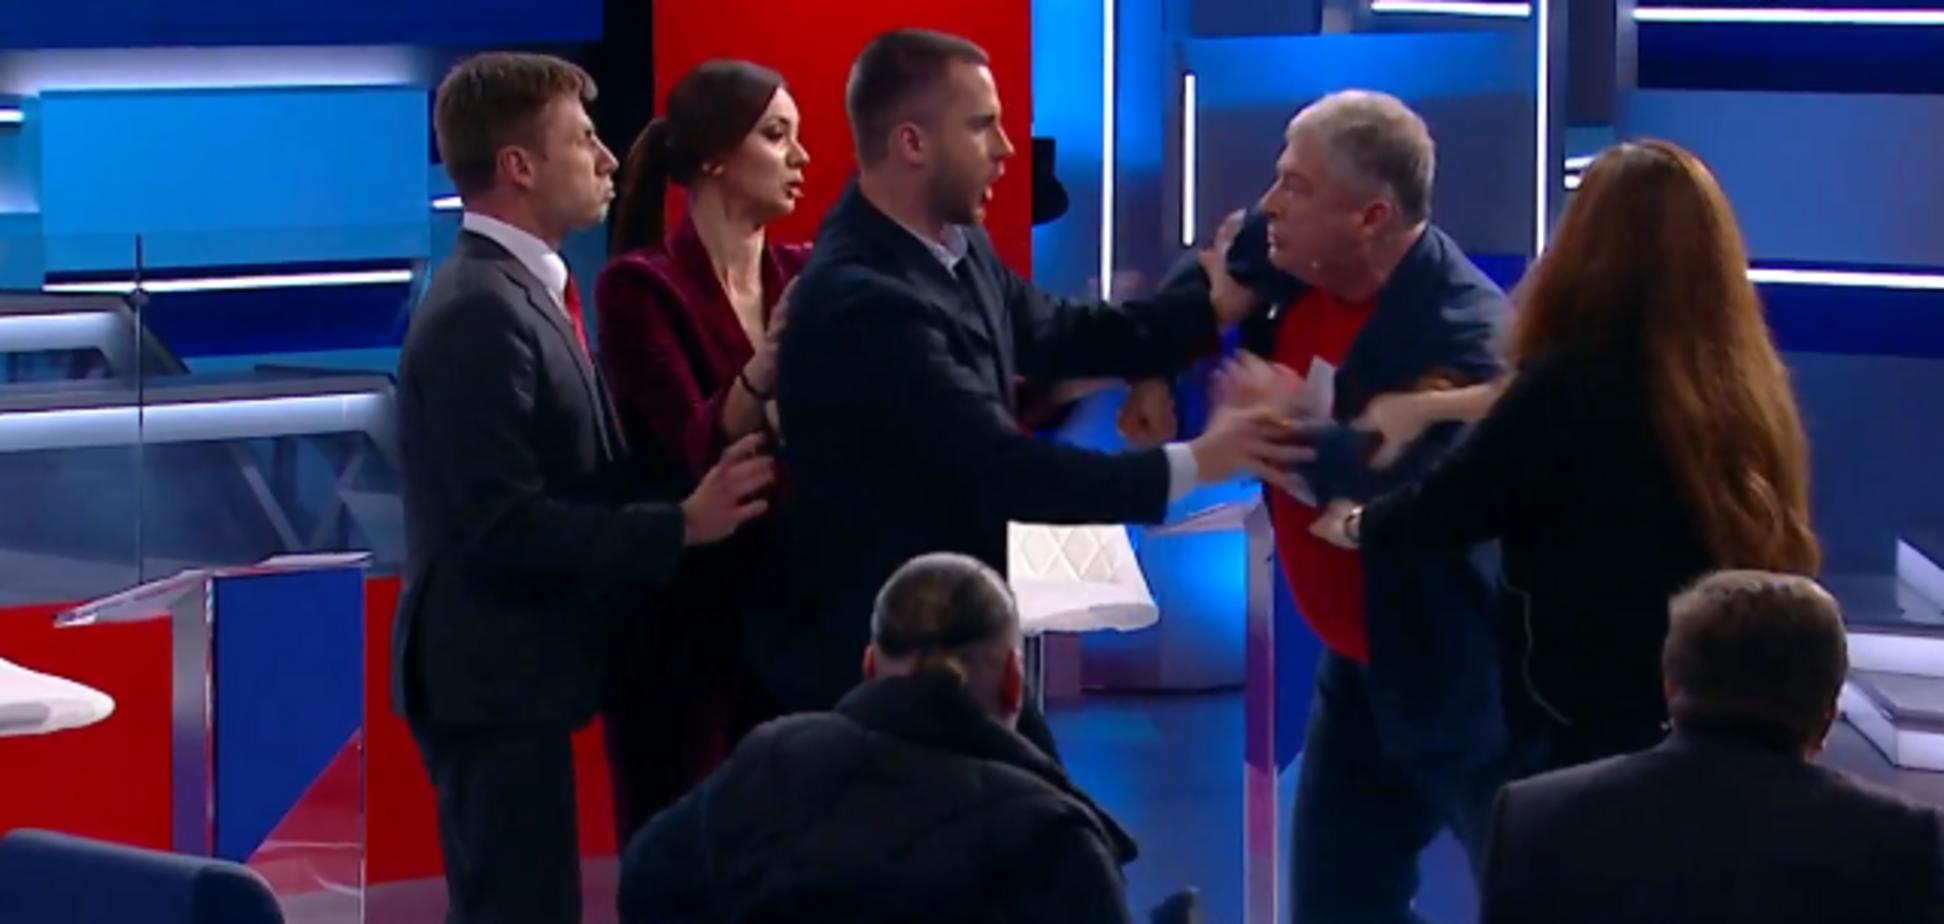 'Ты мразь! Козляра!' Гончаренко и Червоненко сцепились в прямом эфире: видео